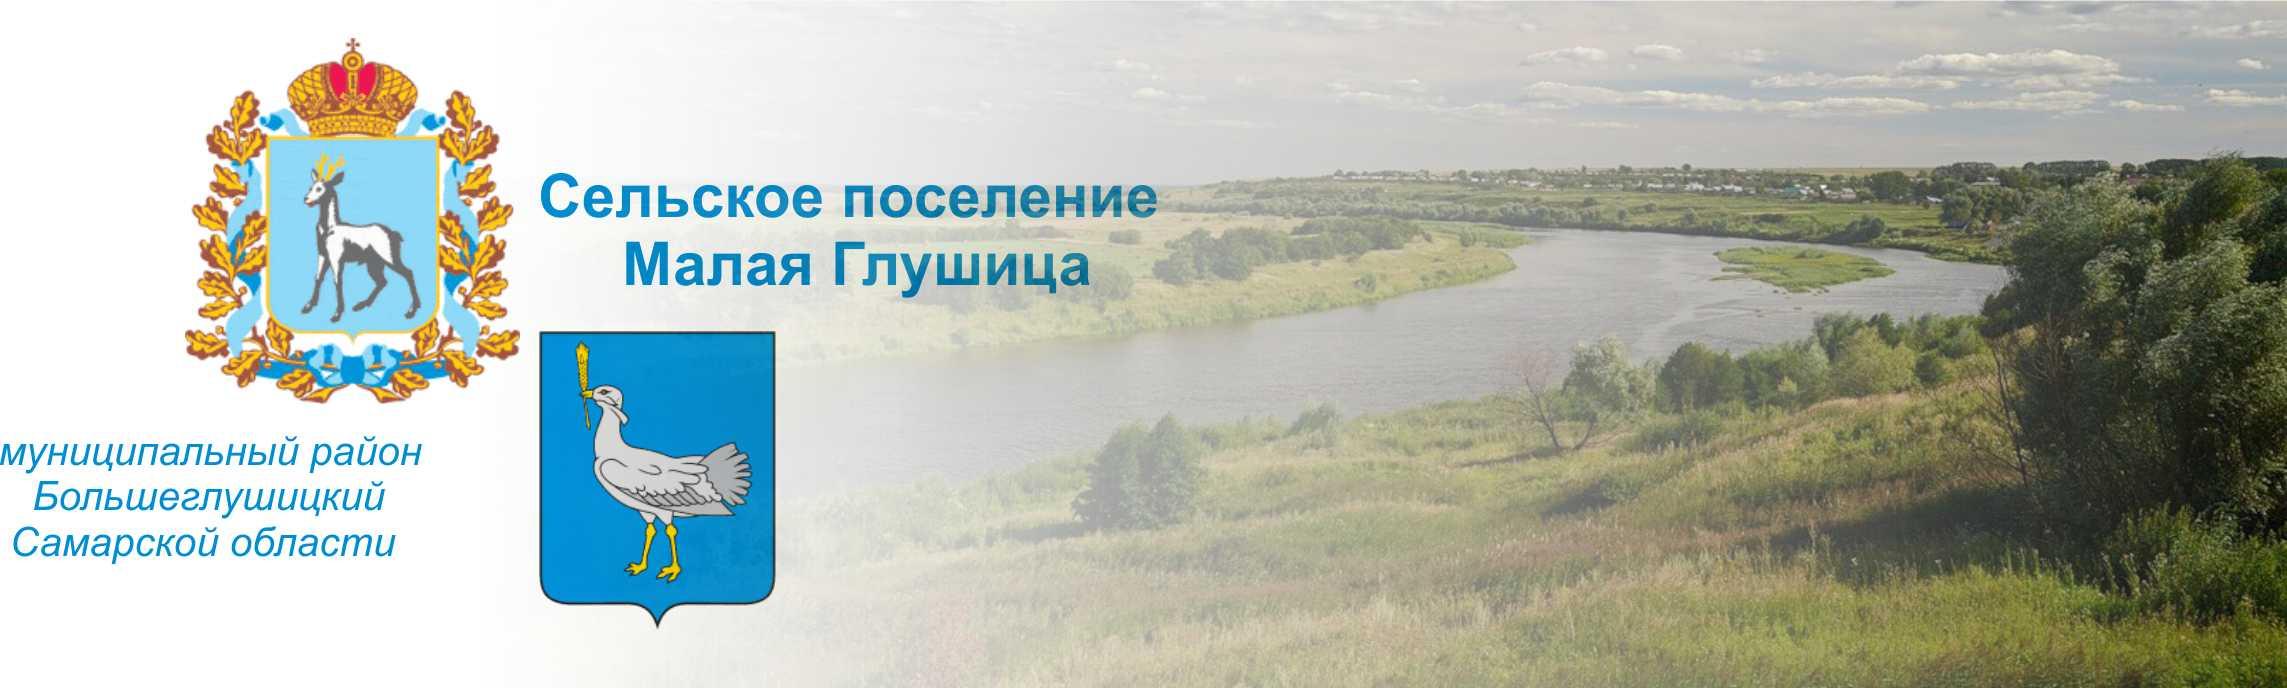 Сельское поселение Малая Глушица муниципального района Большеглушицкий Самарской области